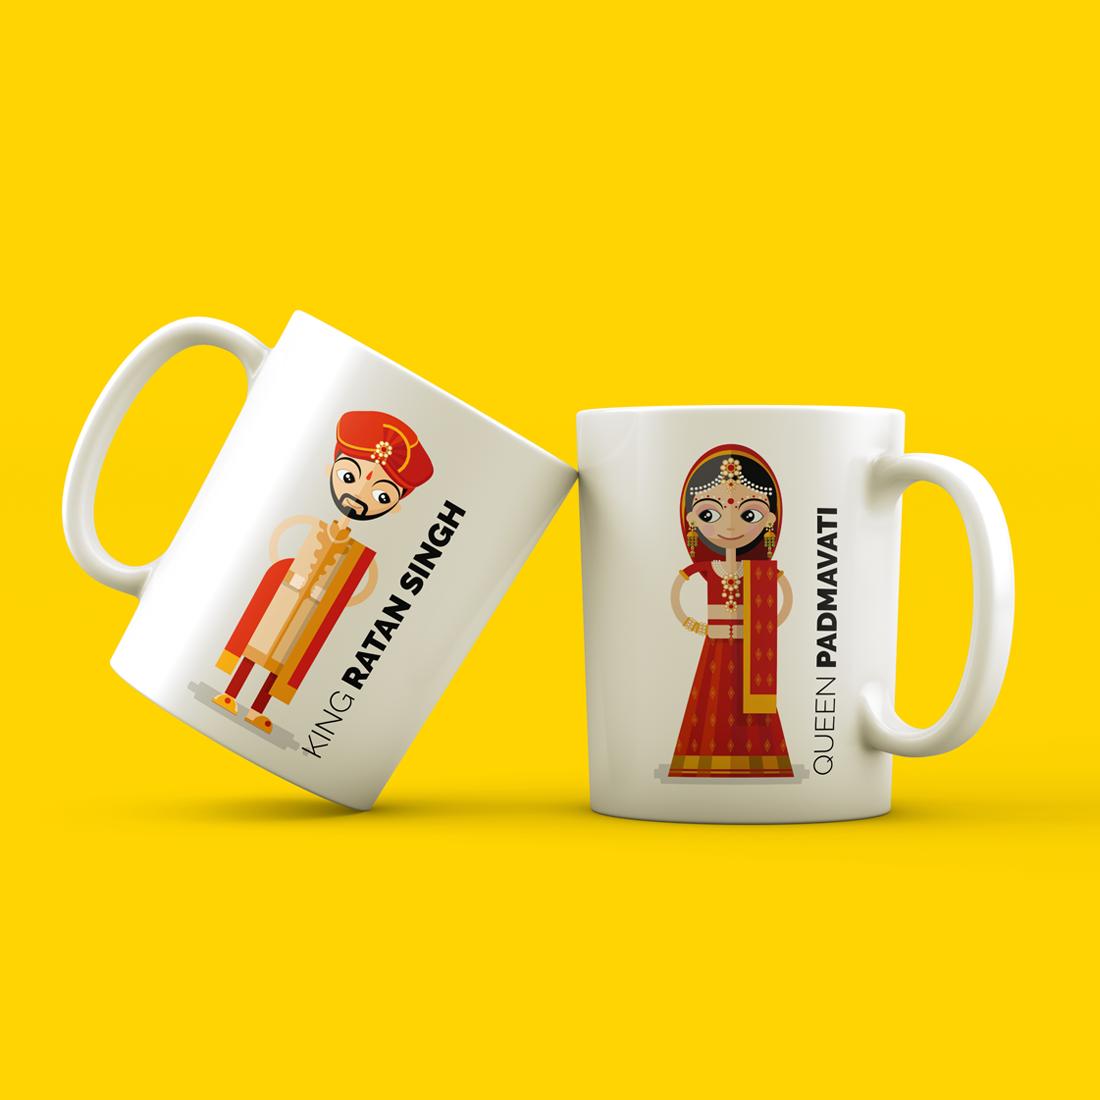 Personalized Printed Ceramic Mugs